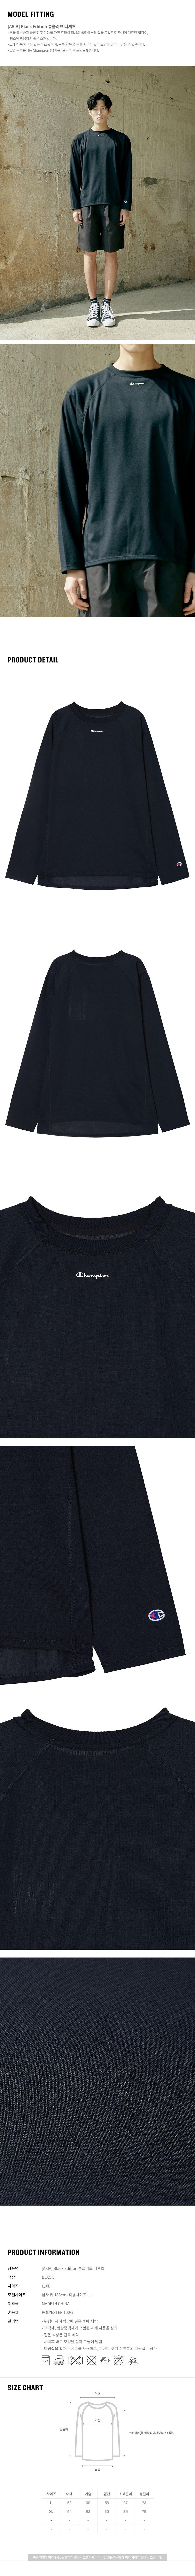 챔피온 재팬(CHAMPION JAPAN) [ASIA] Black Edition 롱슬리브 티셔츠 (BLACK) CKTS1E522BK